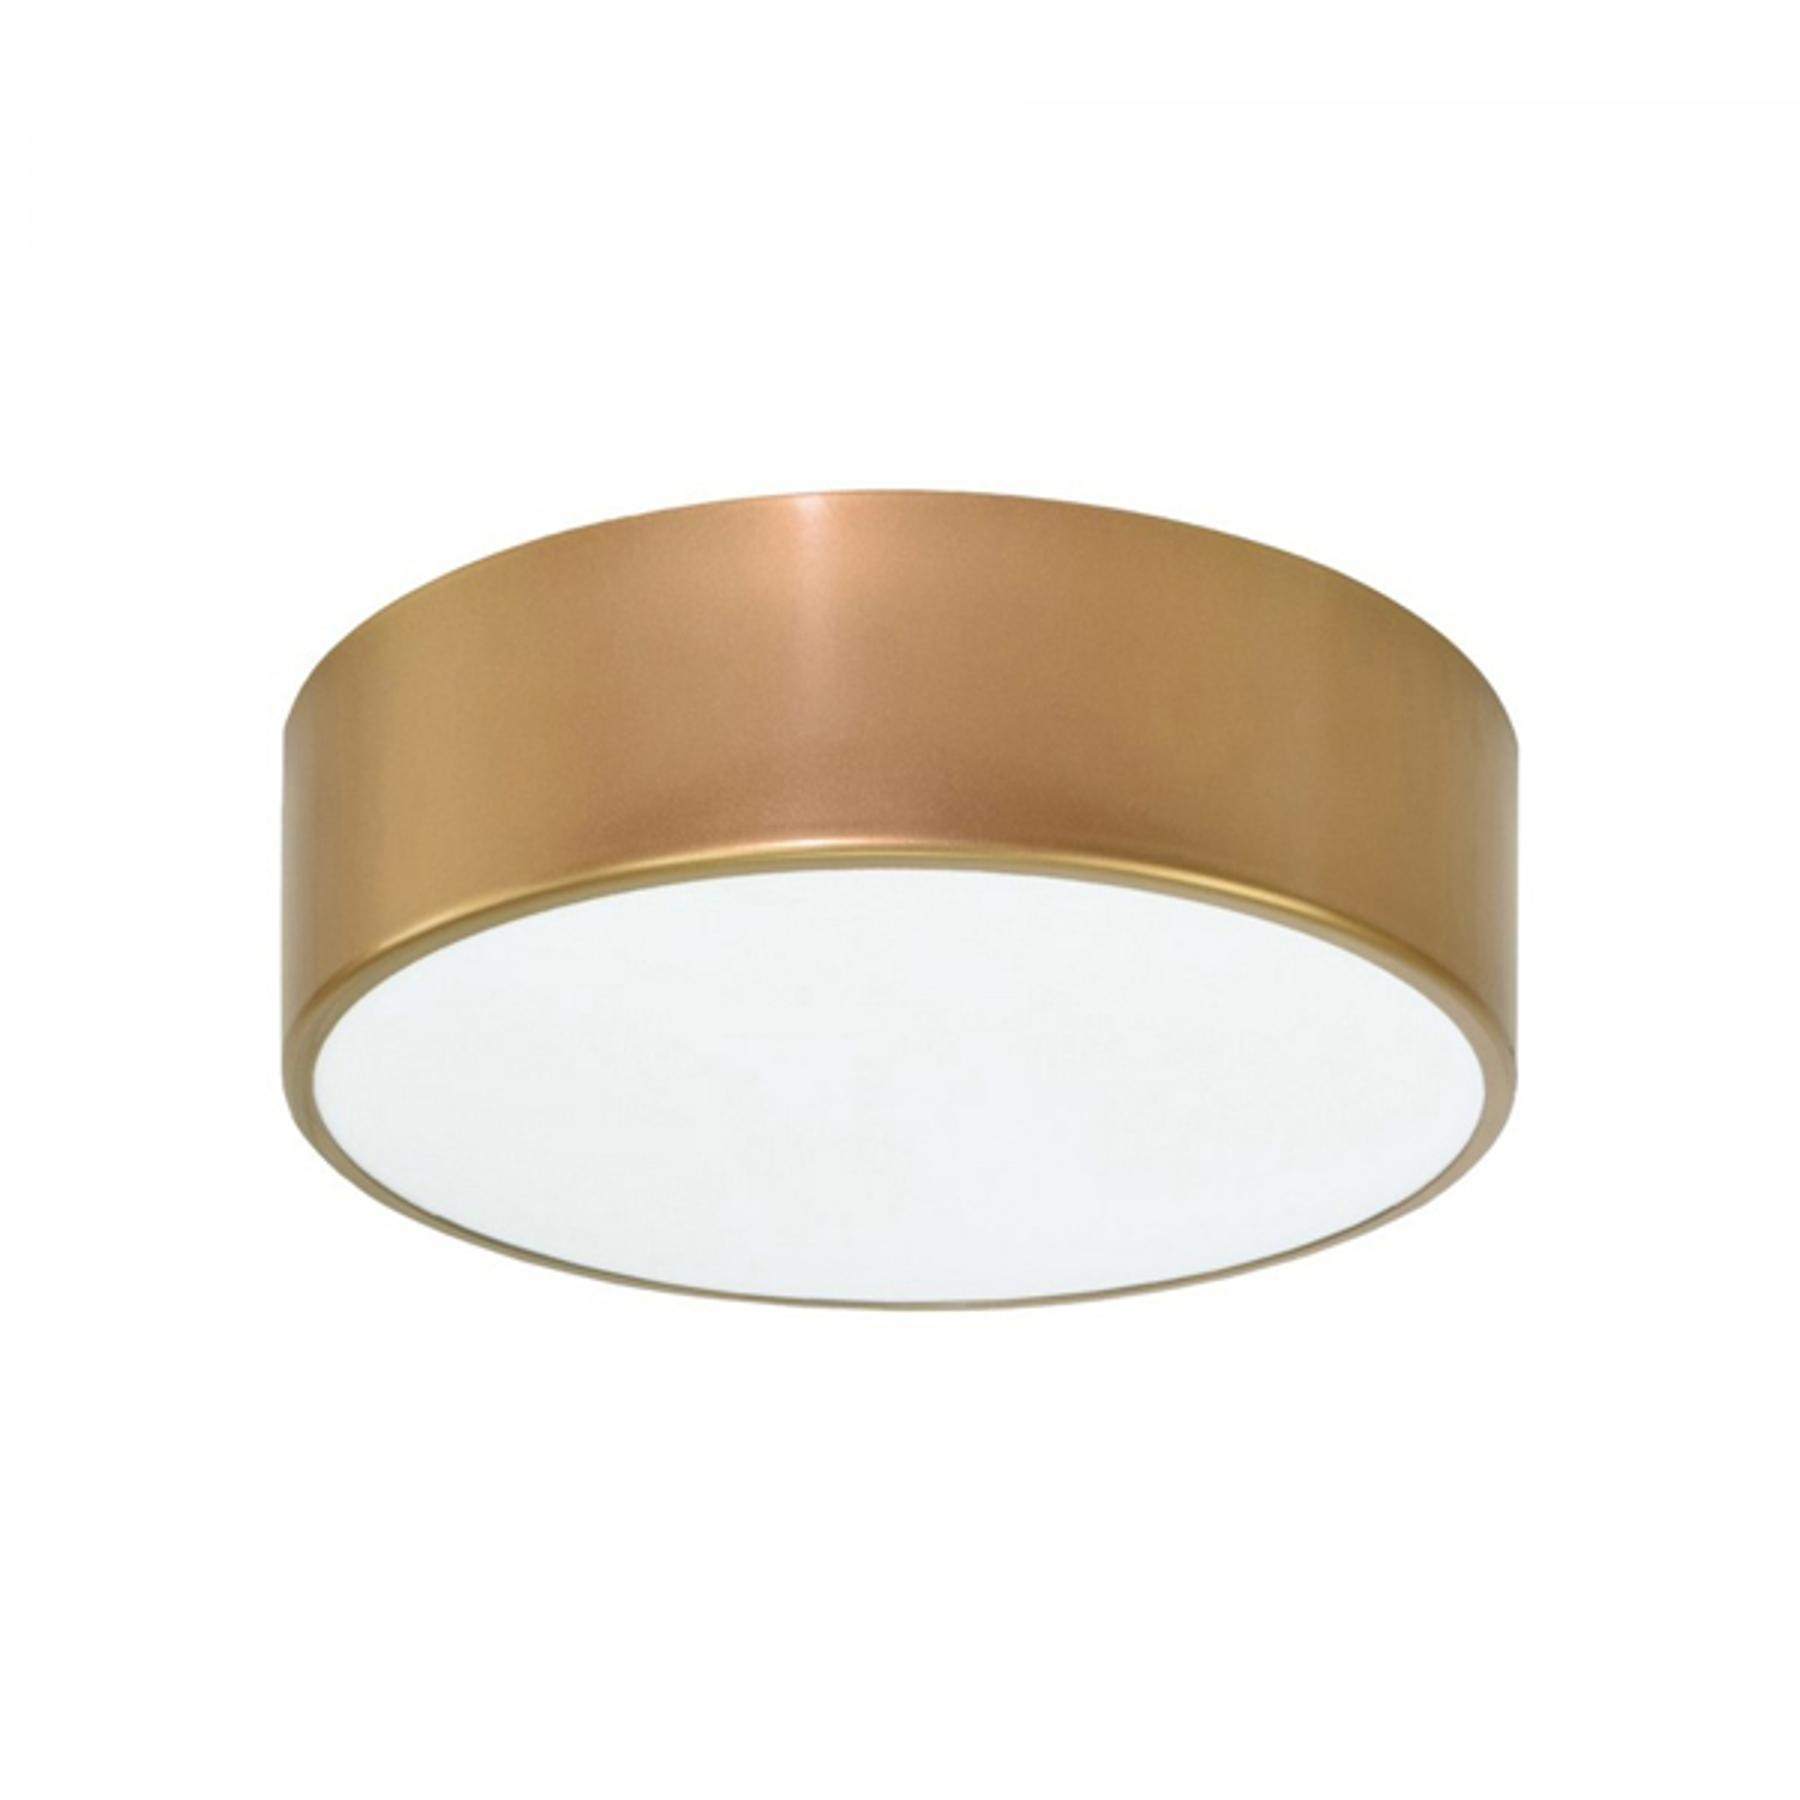 Lampa sufitowa Cleo, Ø 20 cm, złota